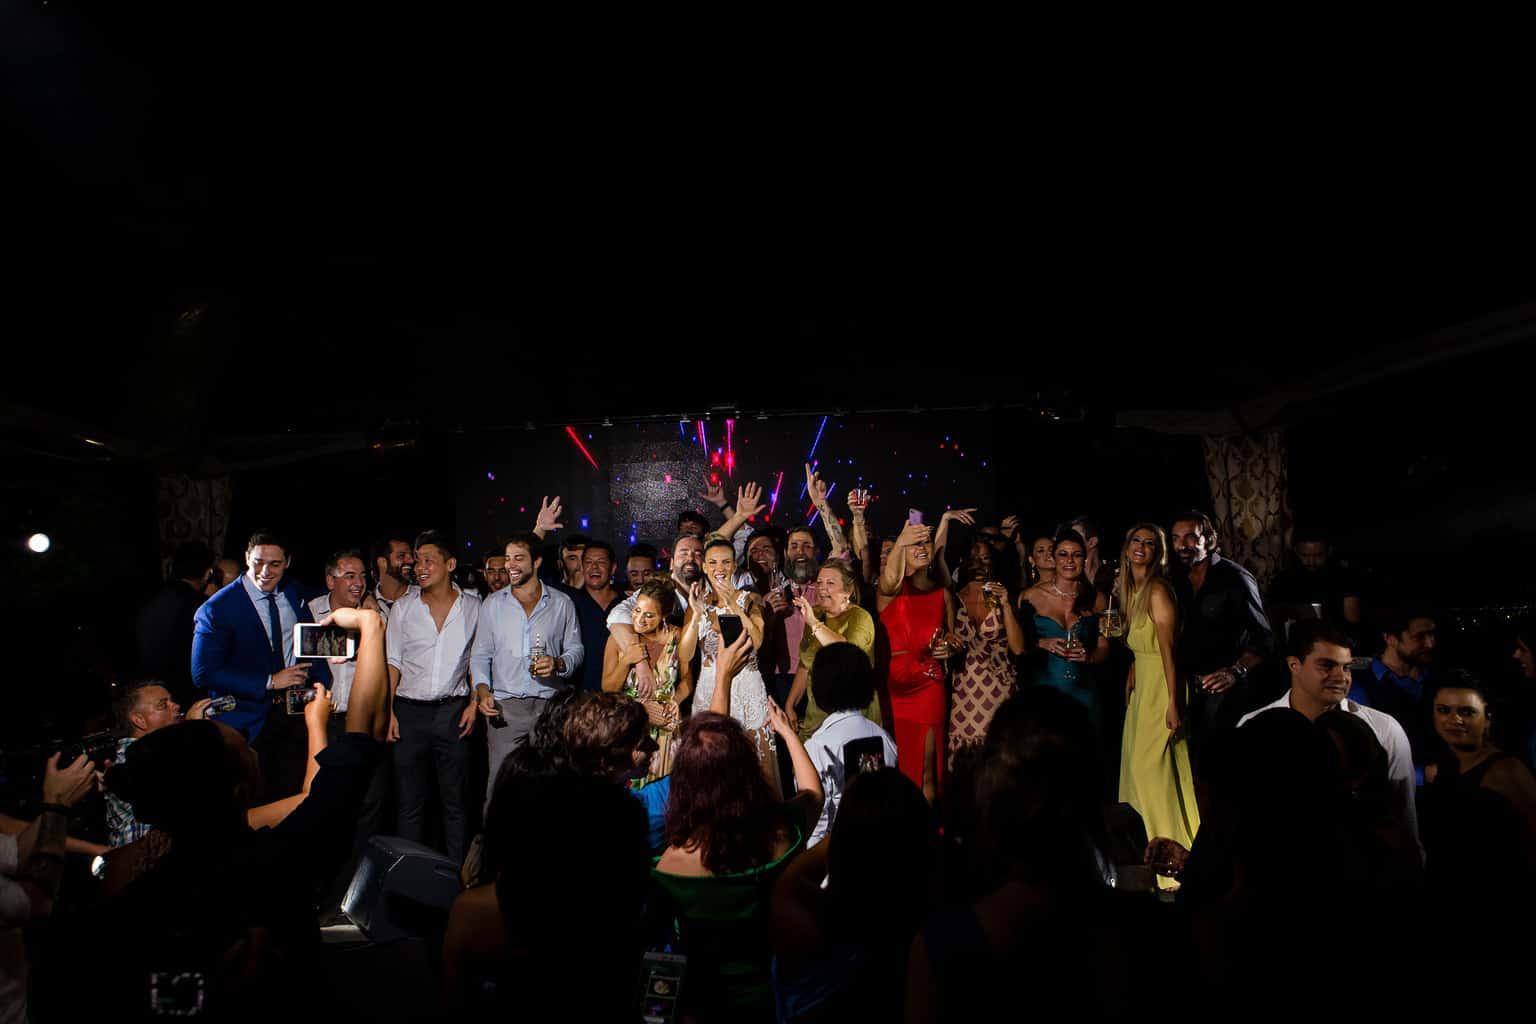 casamento-Marcela-e-Luciano-convidados-festa-de-casamento-foto-dos-noivos-fotografia-Torin-Zanette22